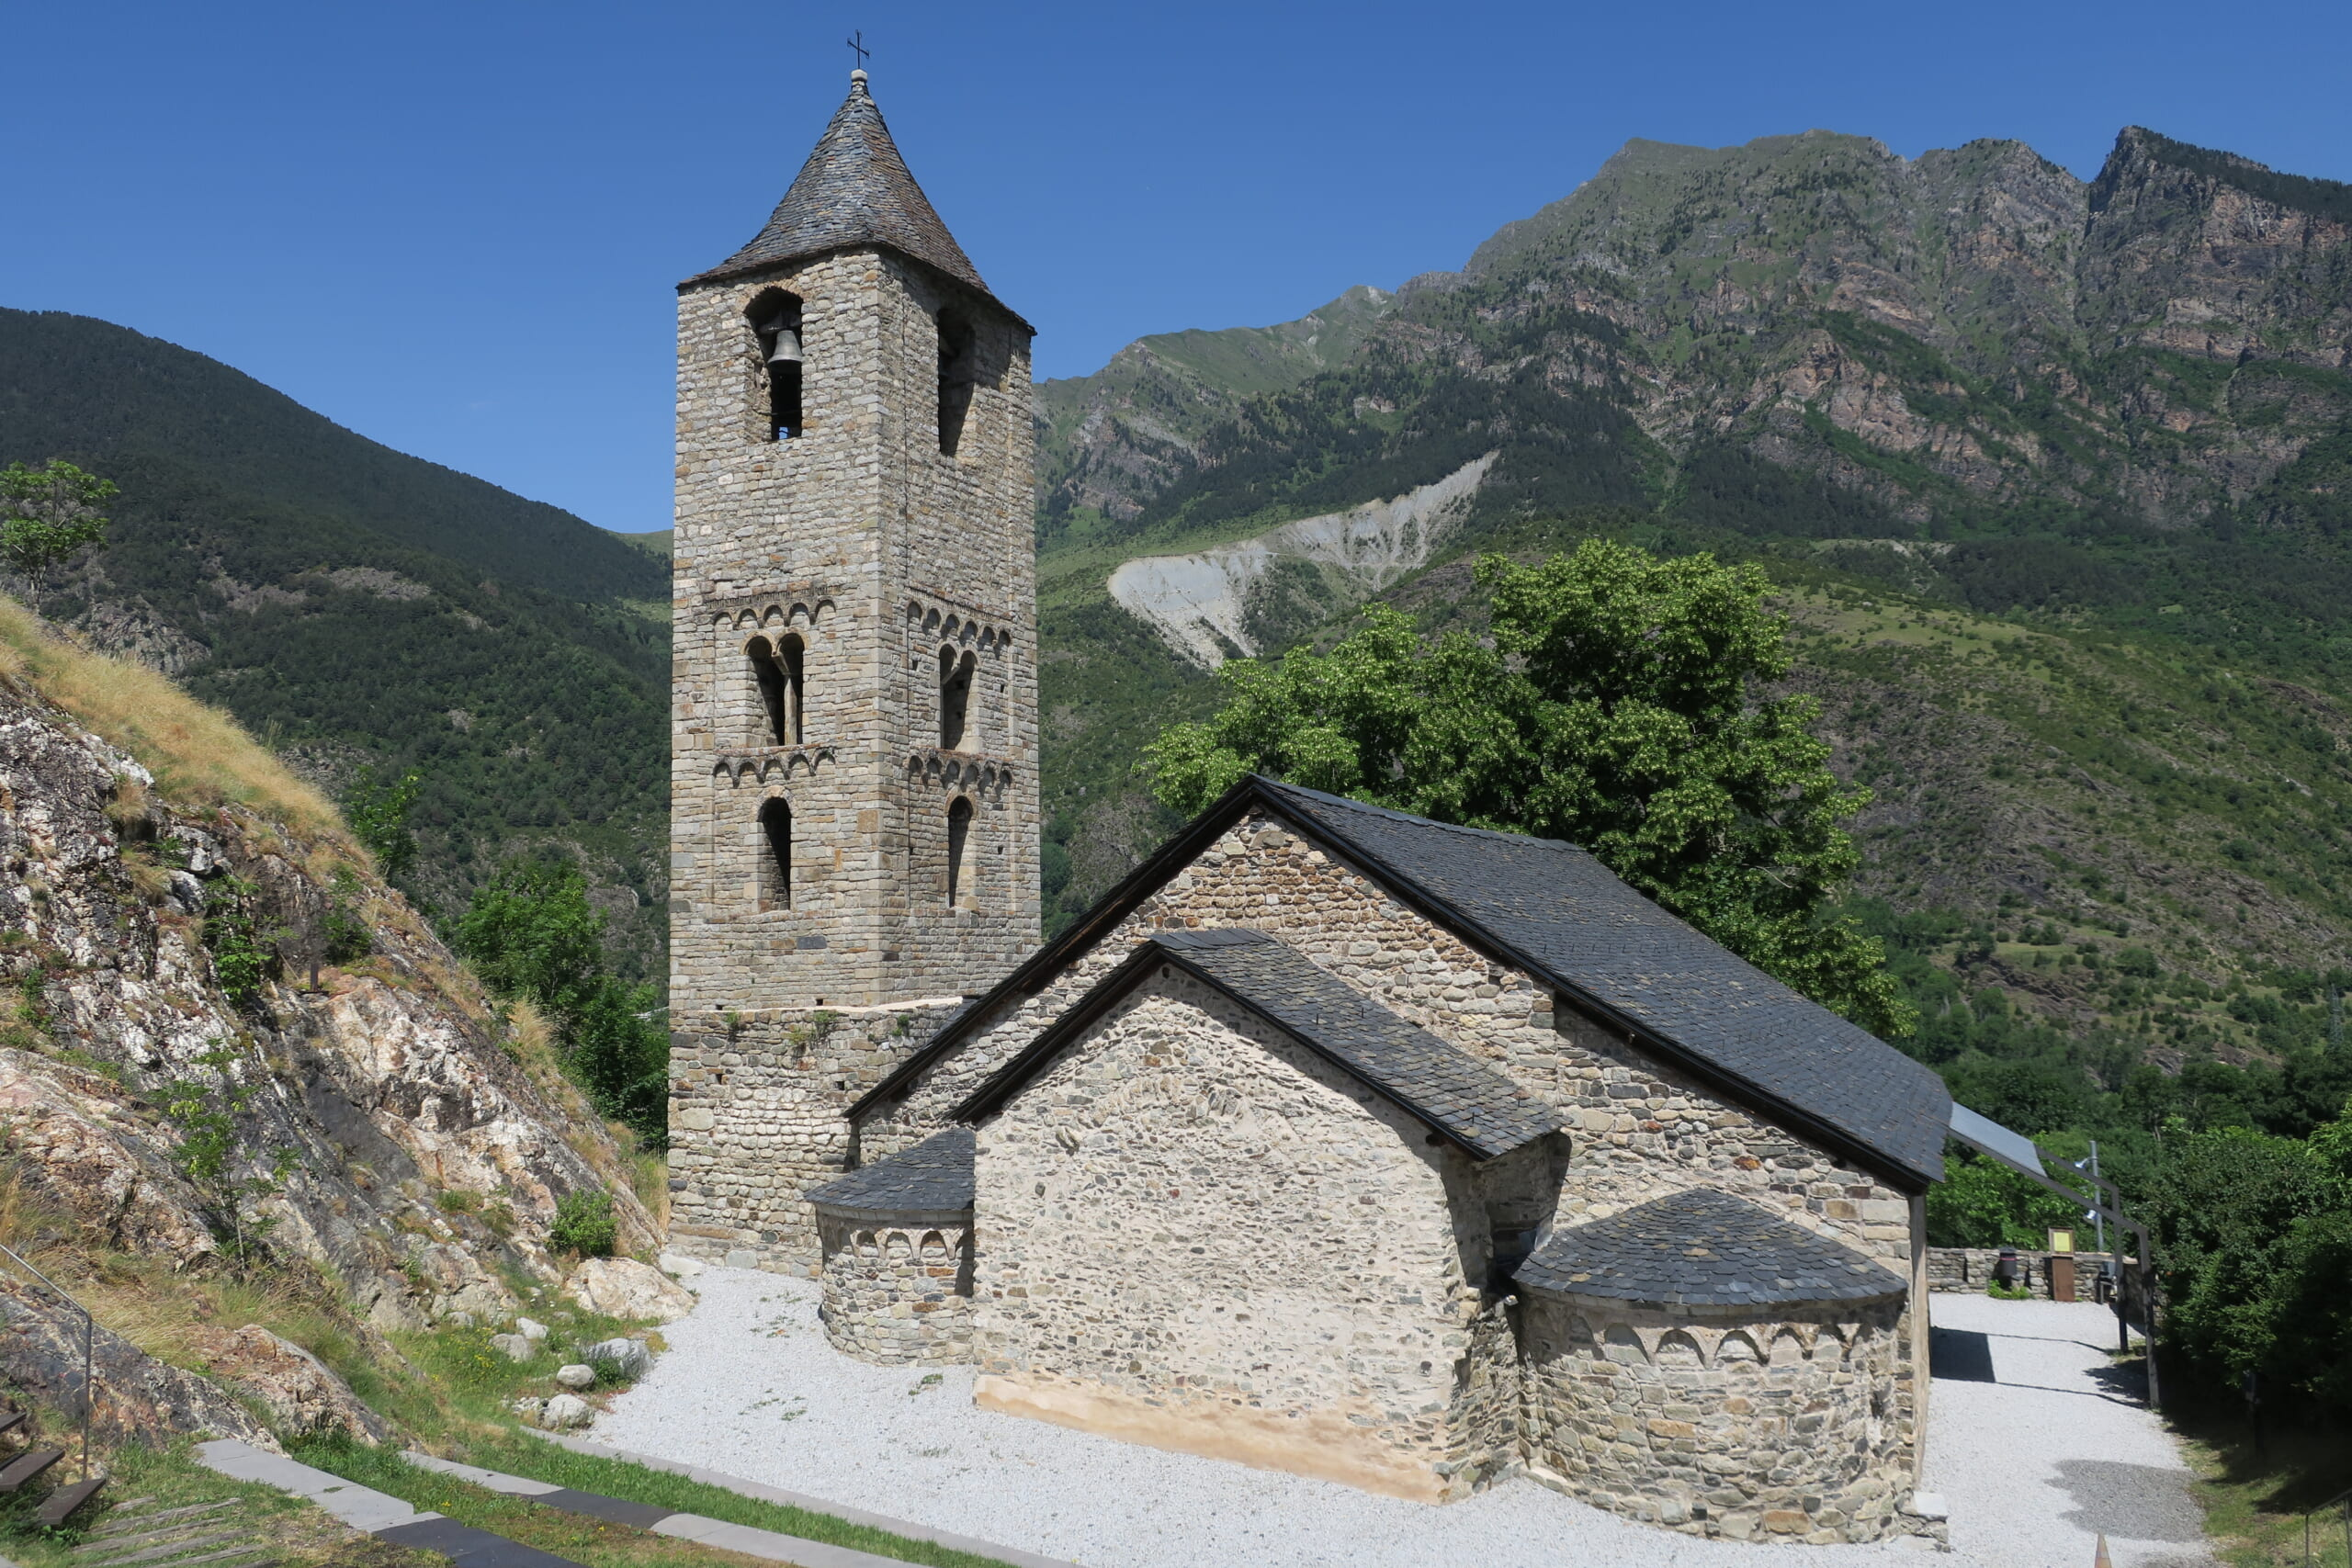 北スペインの観光スポットであるカタルーニャのボイ渓谷に位置するボイ村のサン・フアン教会